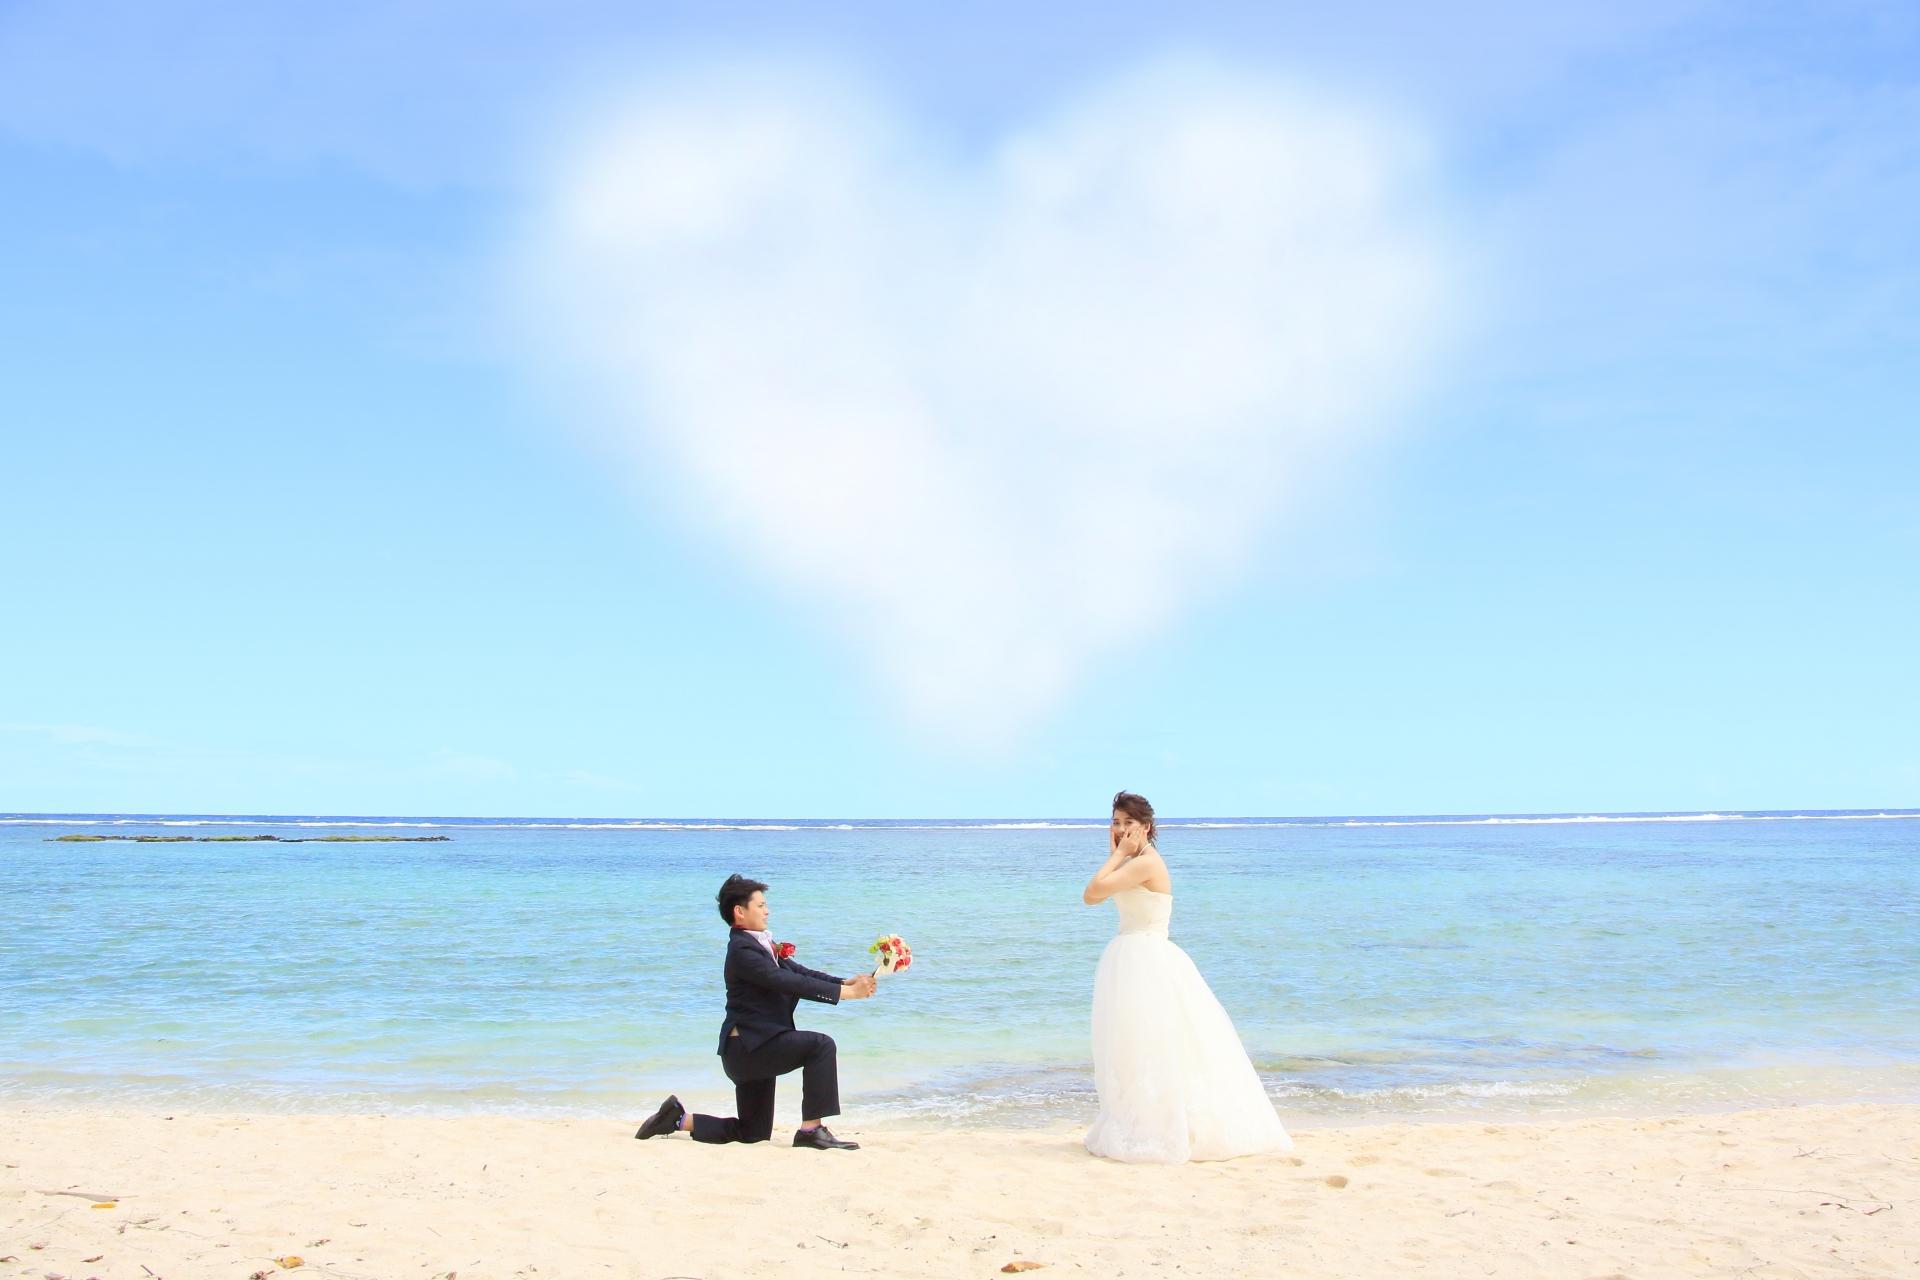 プロポーズをしてくれない!結婚したいけどプロポーズしてもらえないときの対処方法